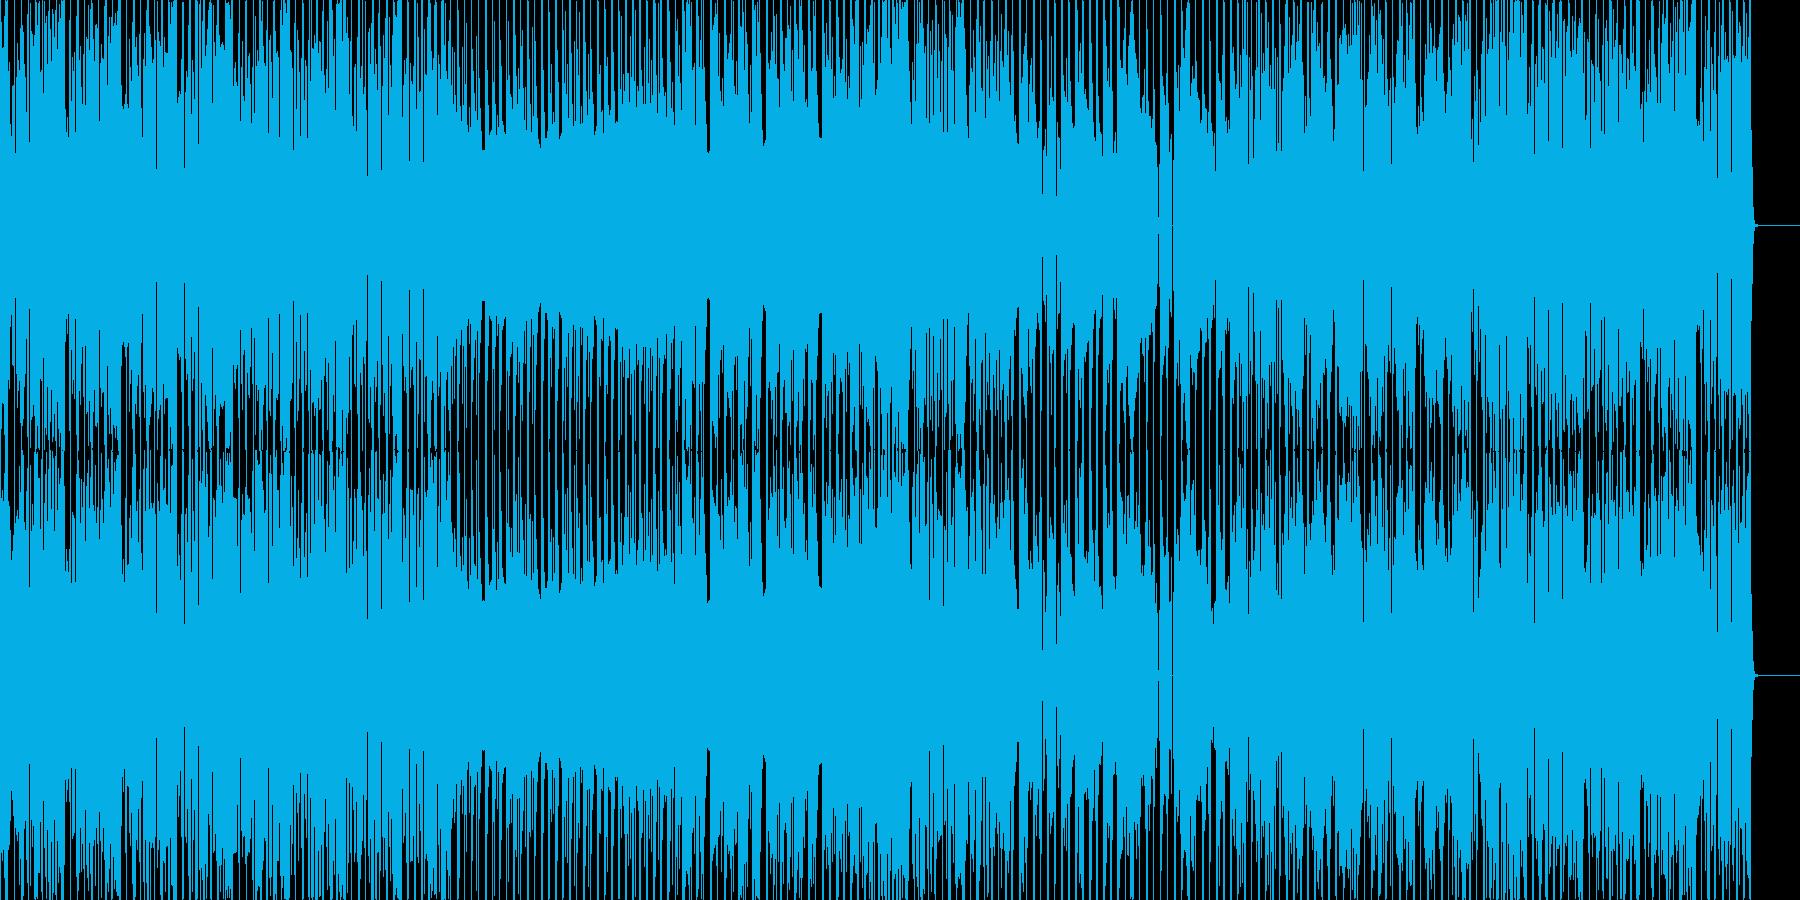 オリエンタル、エキゾチック/ダブステップの再生済みの波形